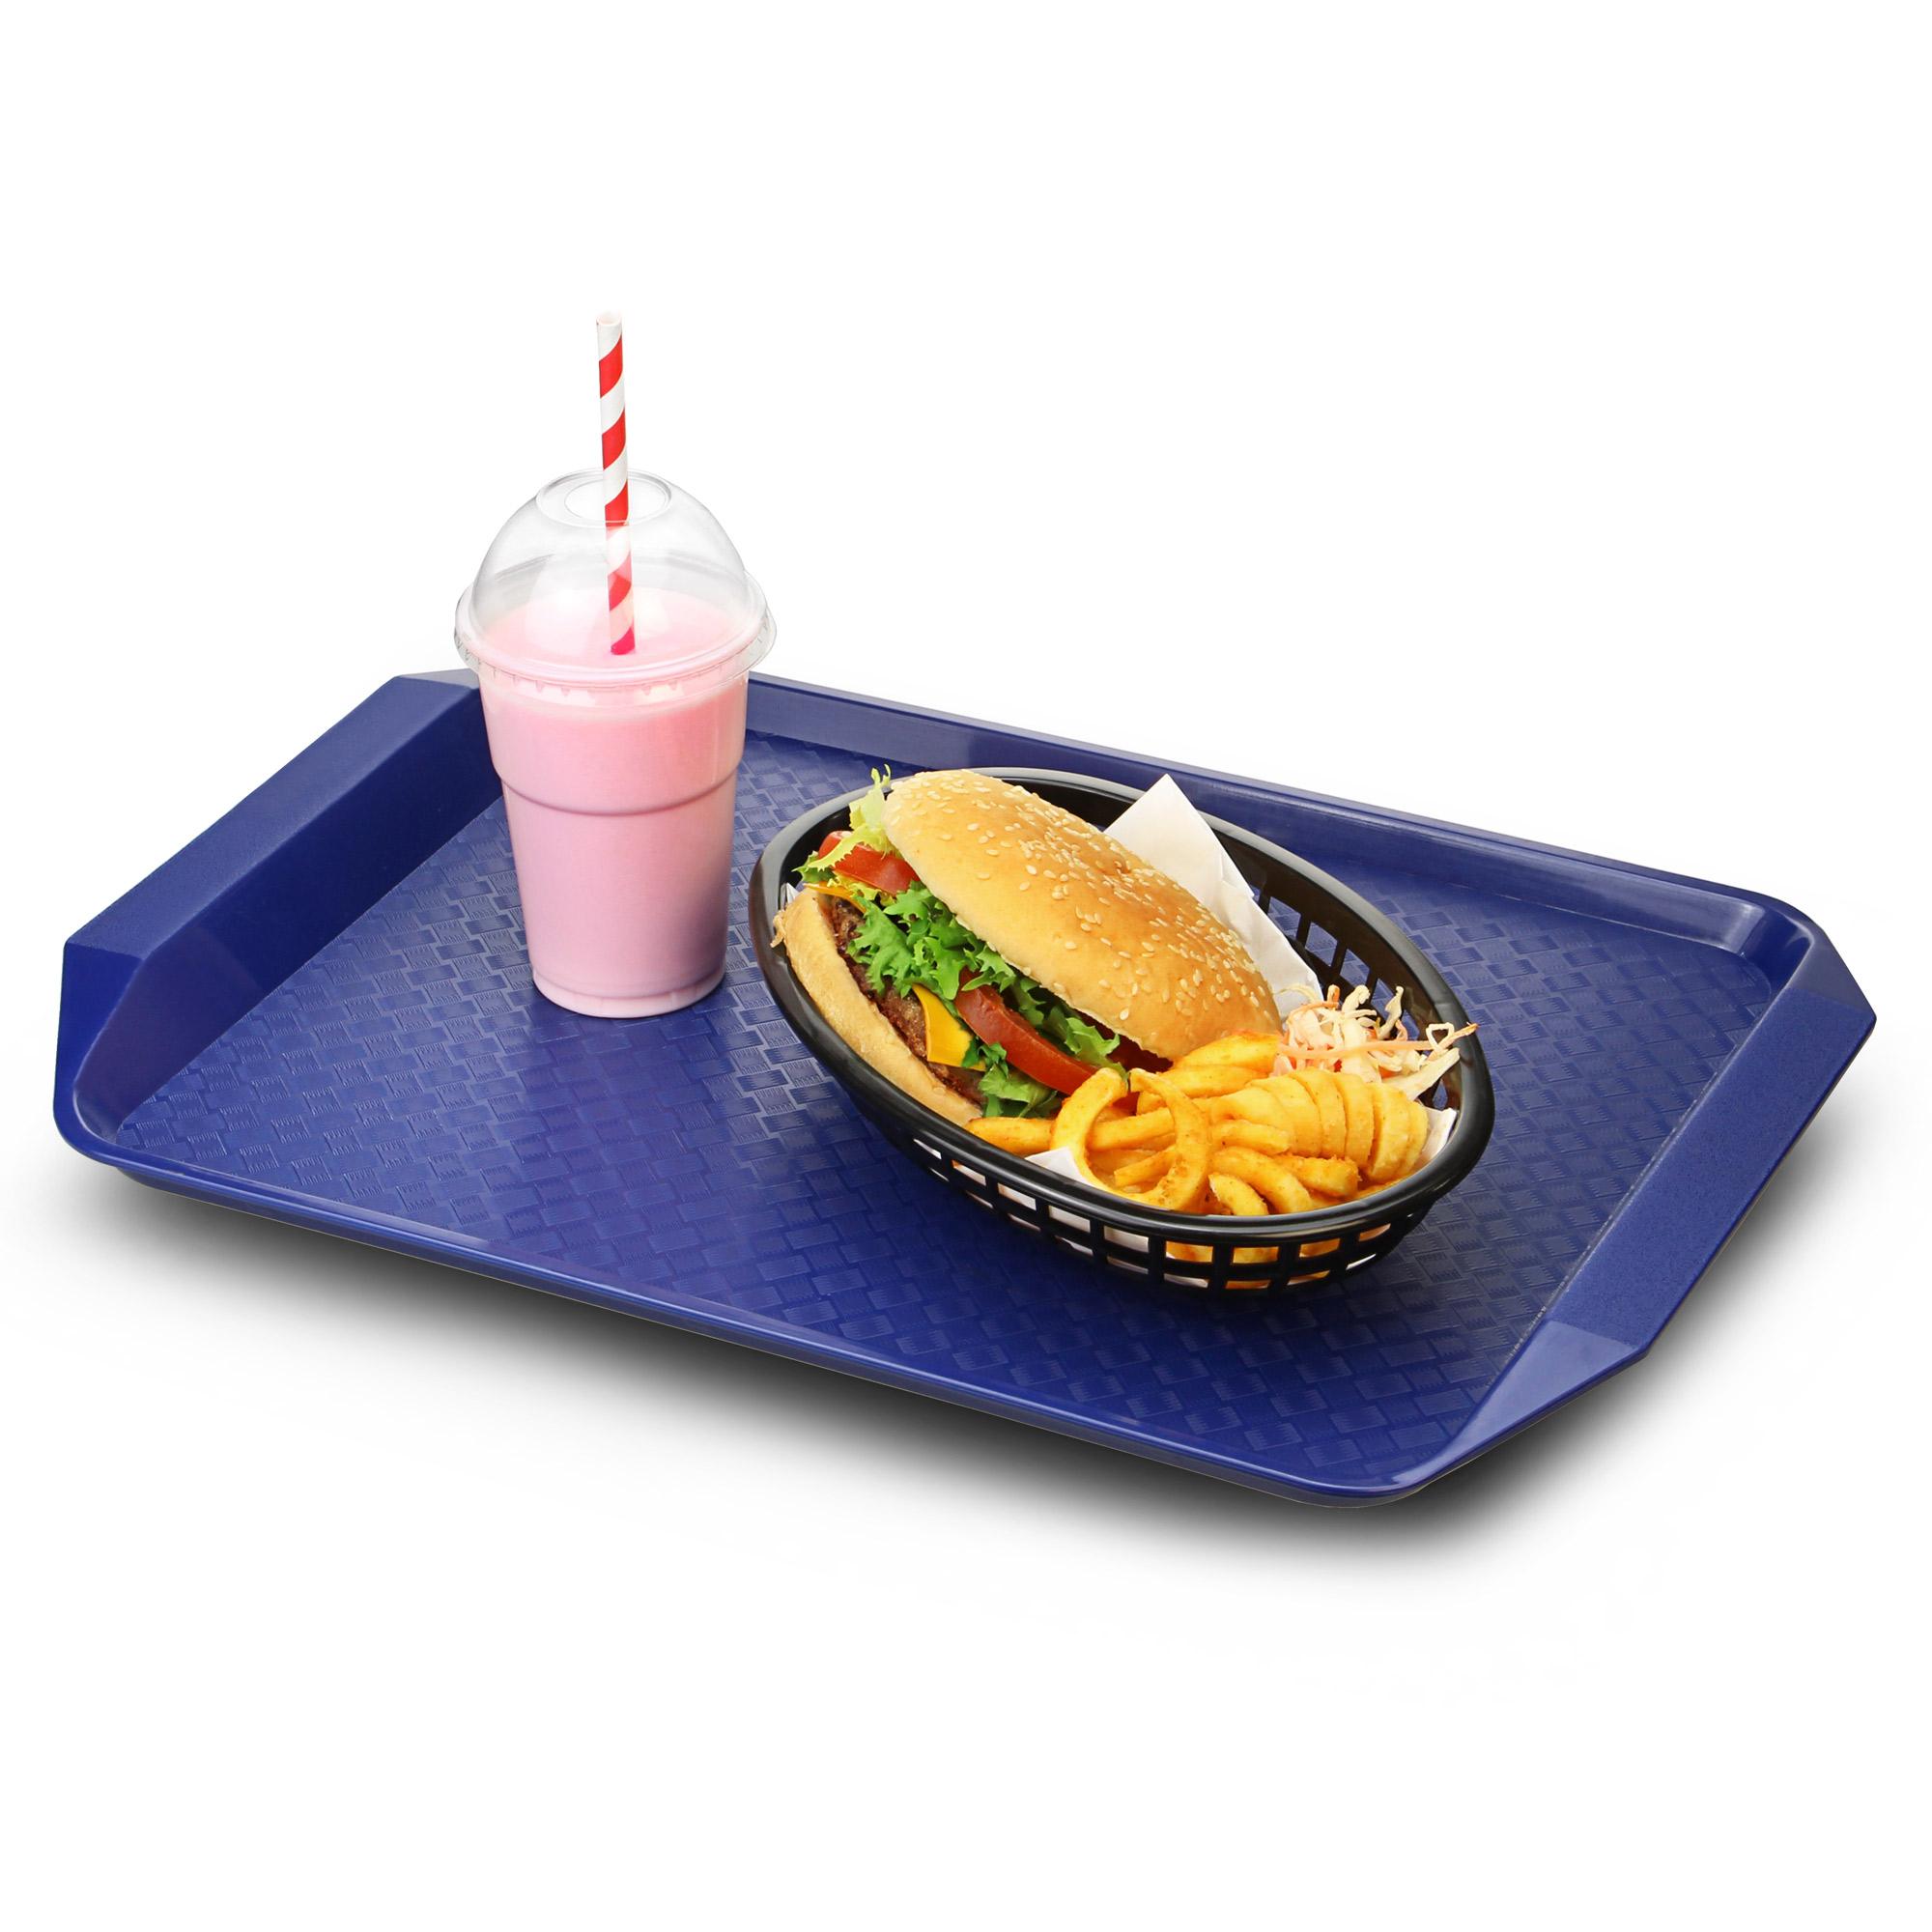 Vat On Fast Food